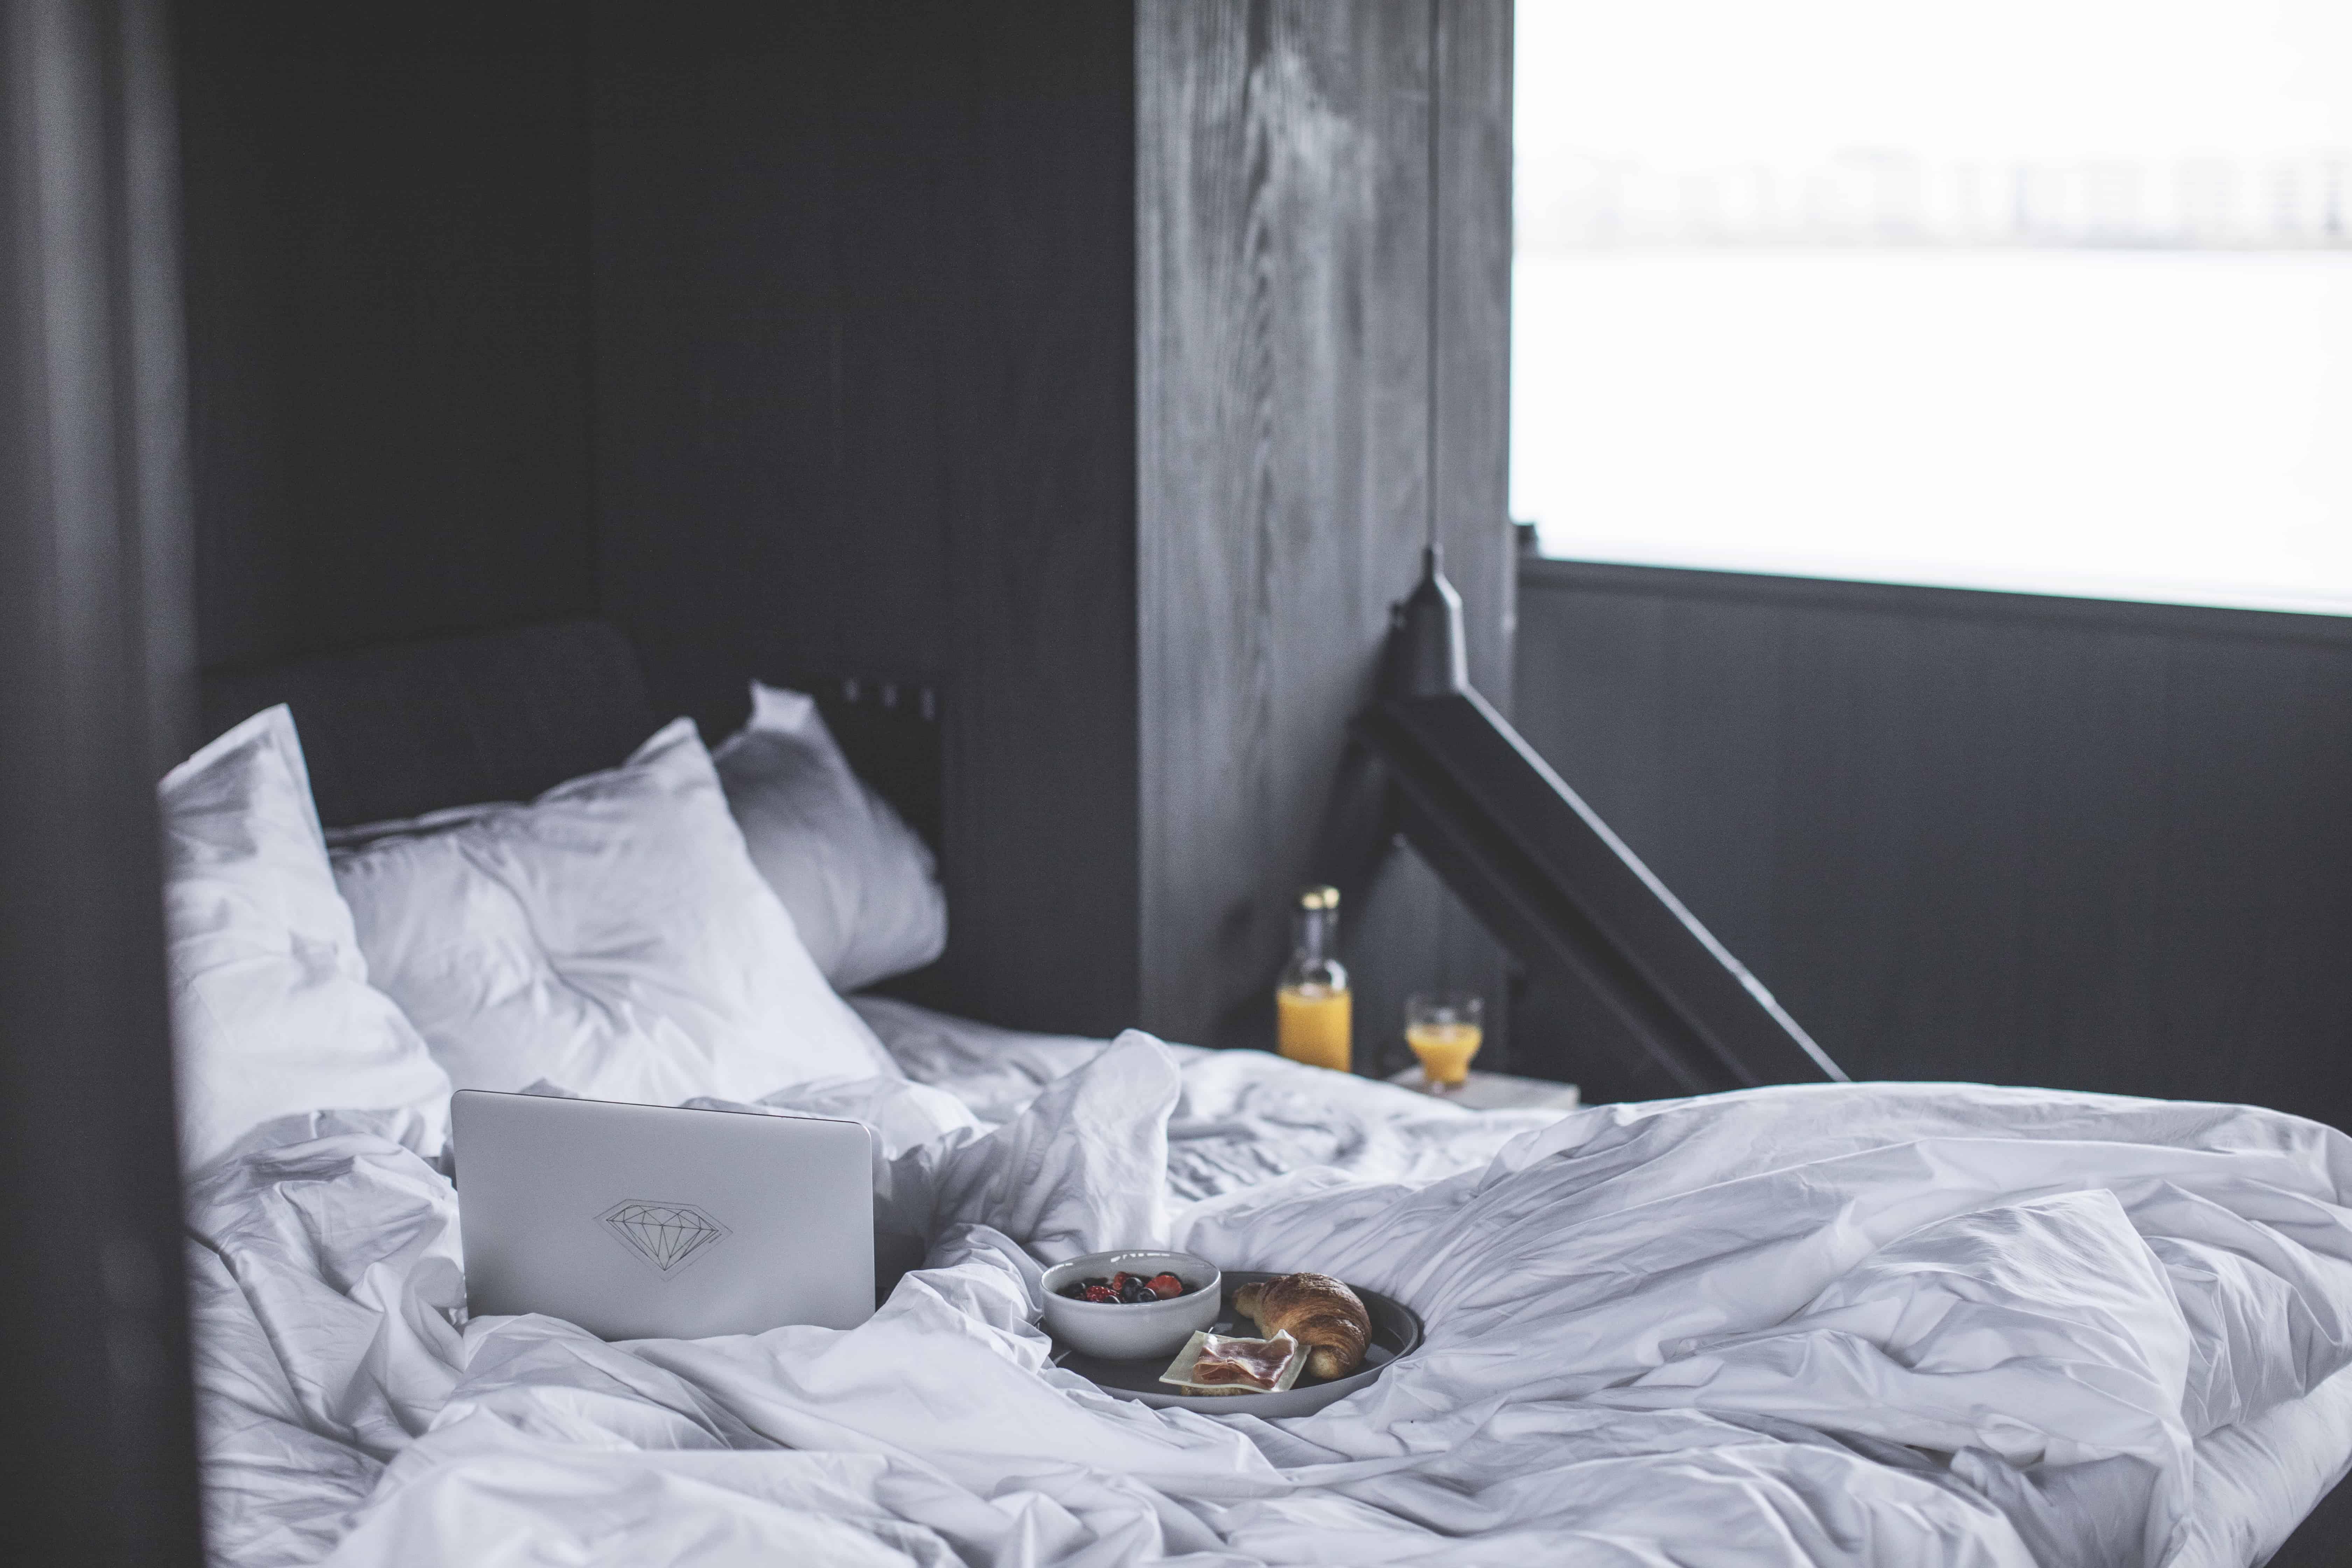 Hjemmeside morgenmad på seng